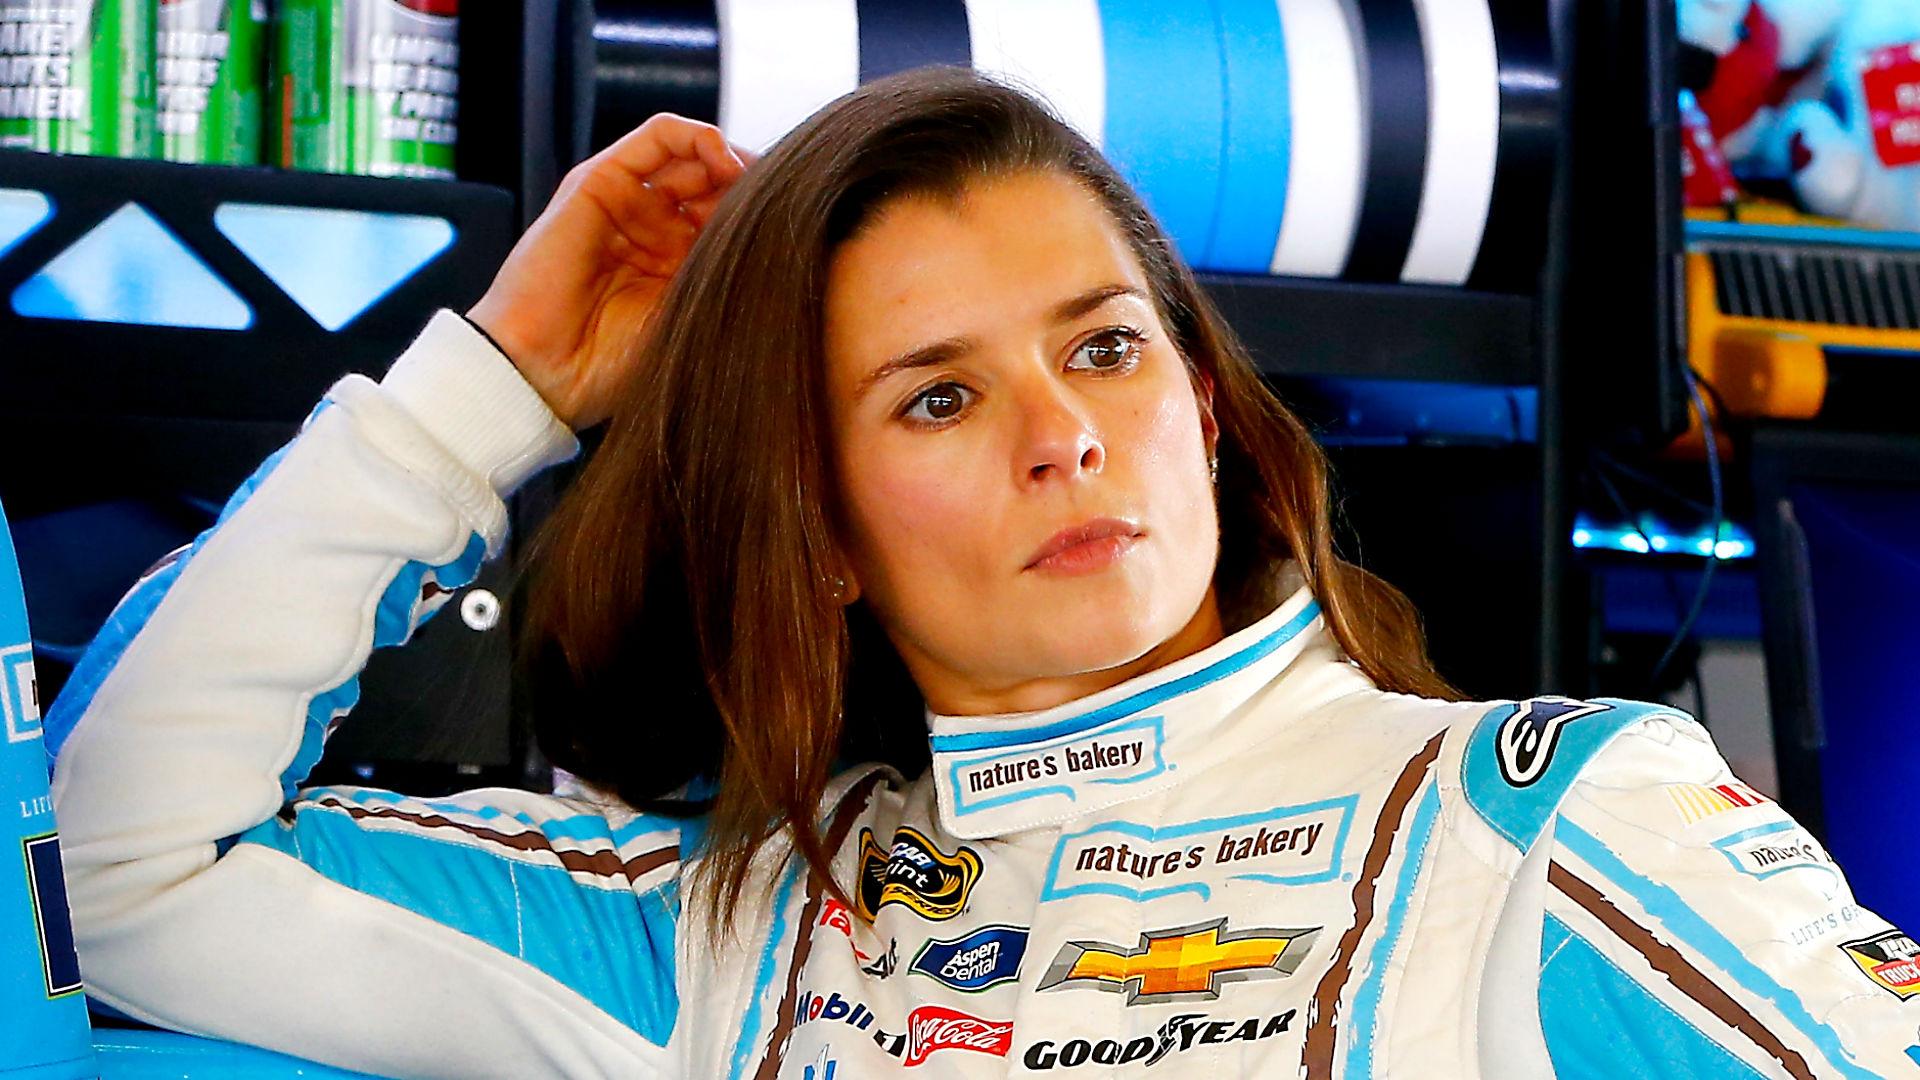 Hana Brejchova